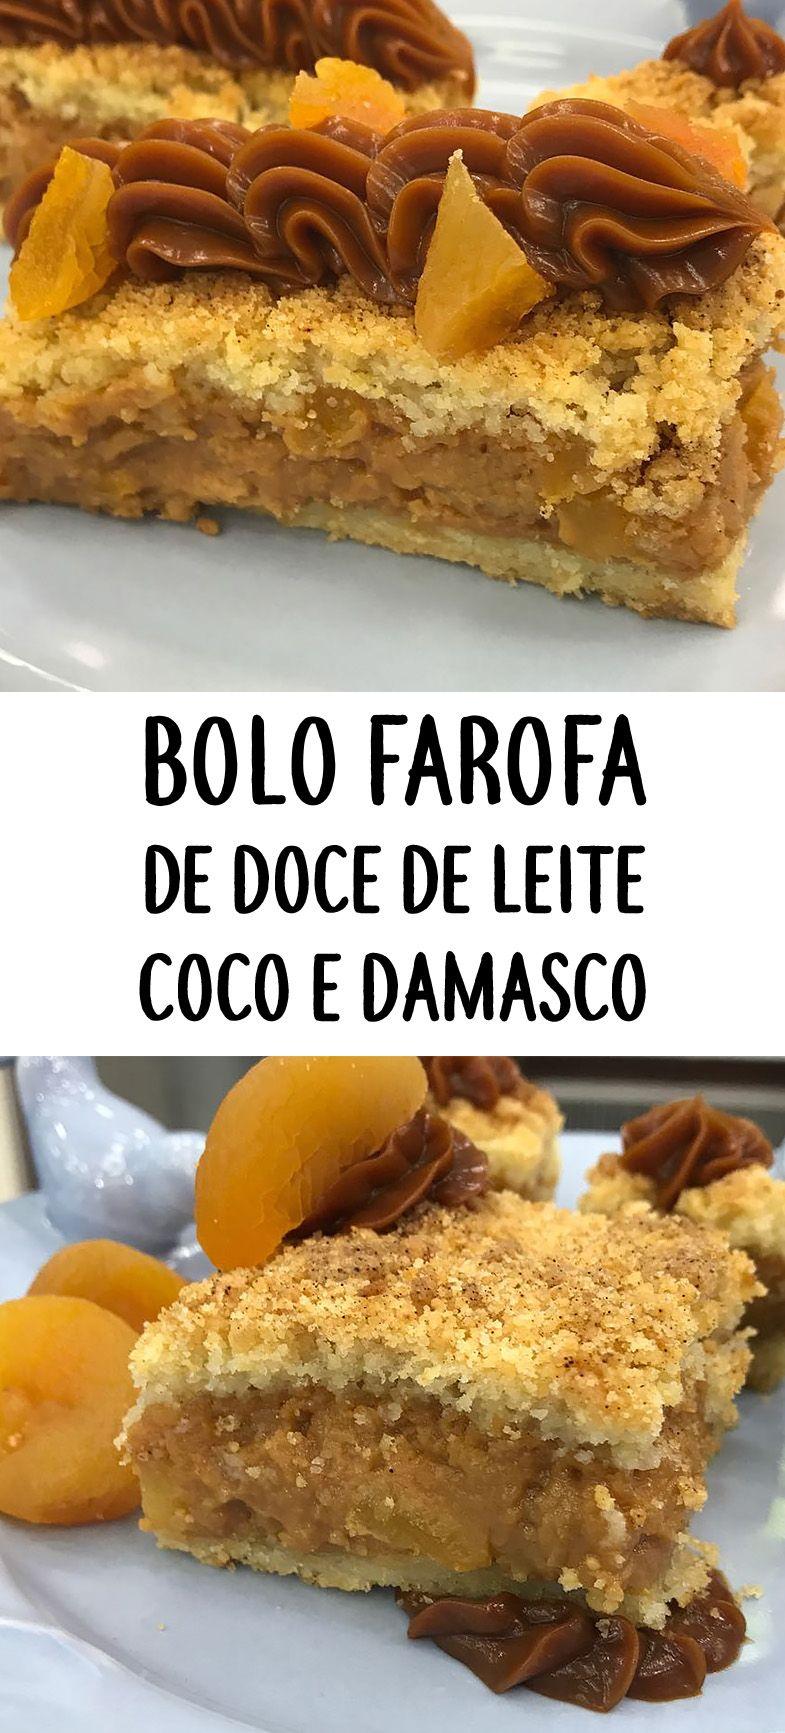 Bolo Farofa De Doce De Leite Coco E Damasco Receita Sabores